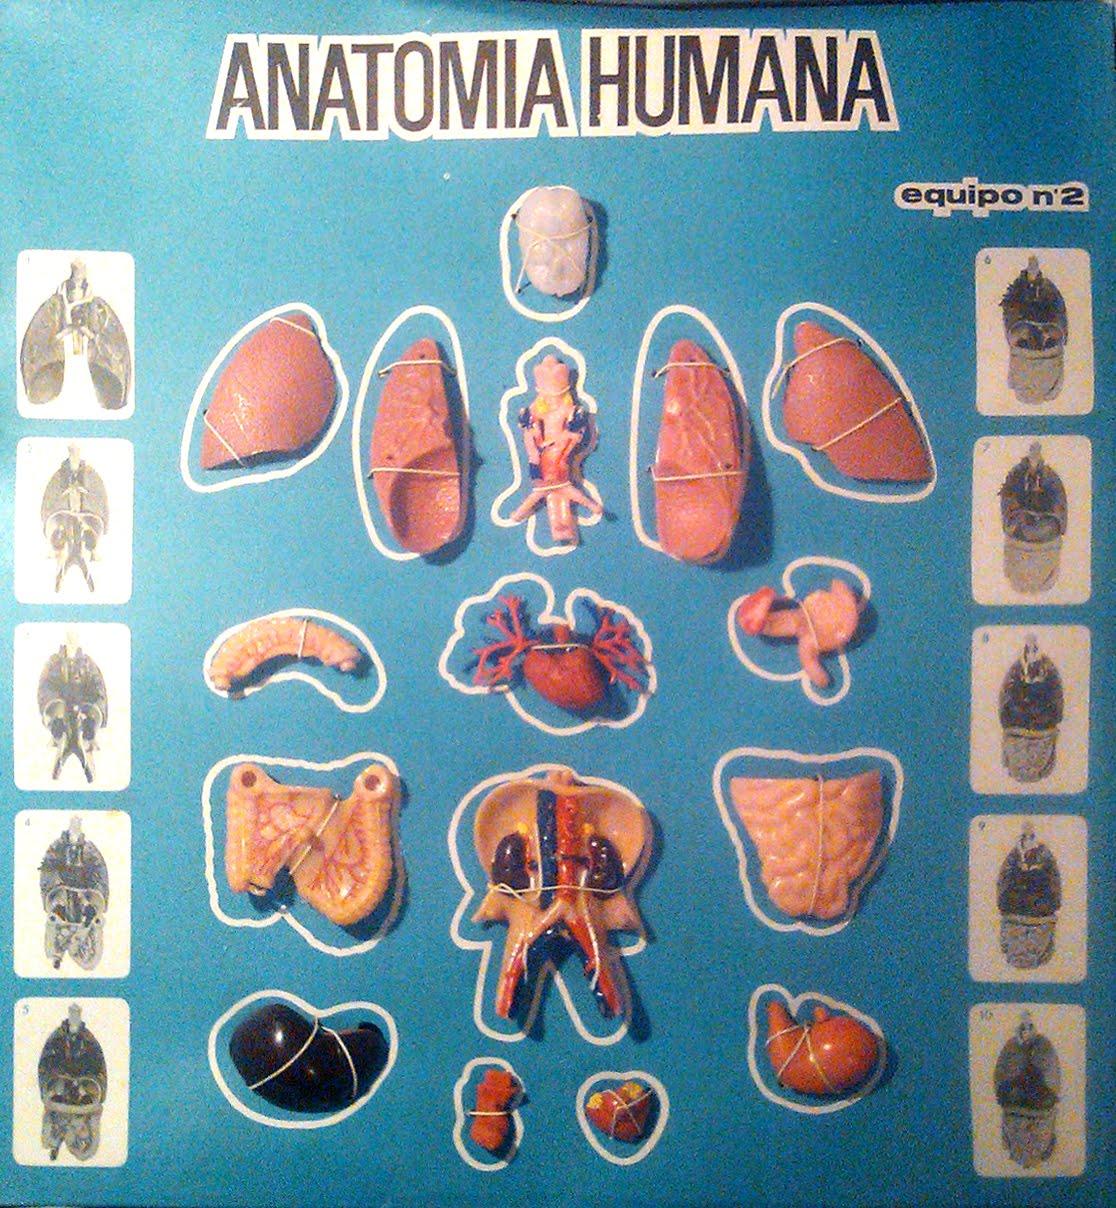 Los años 70: Anatomía Humana de SERIMA